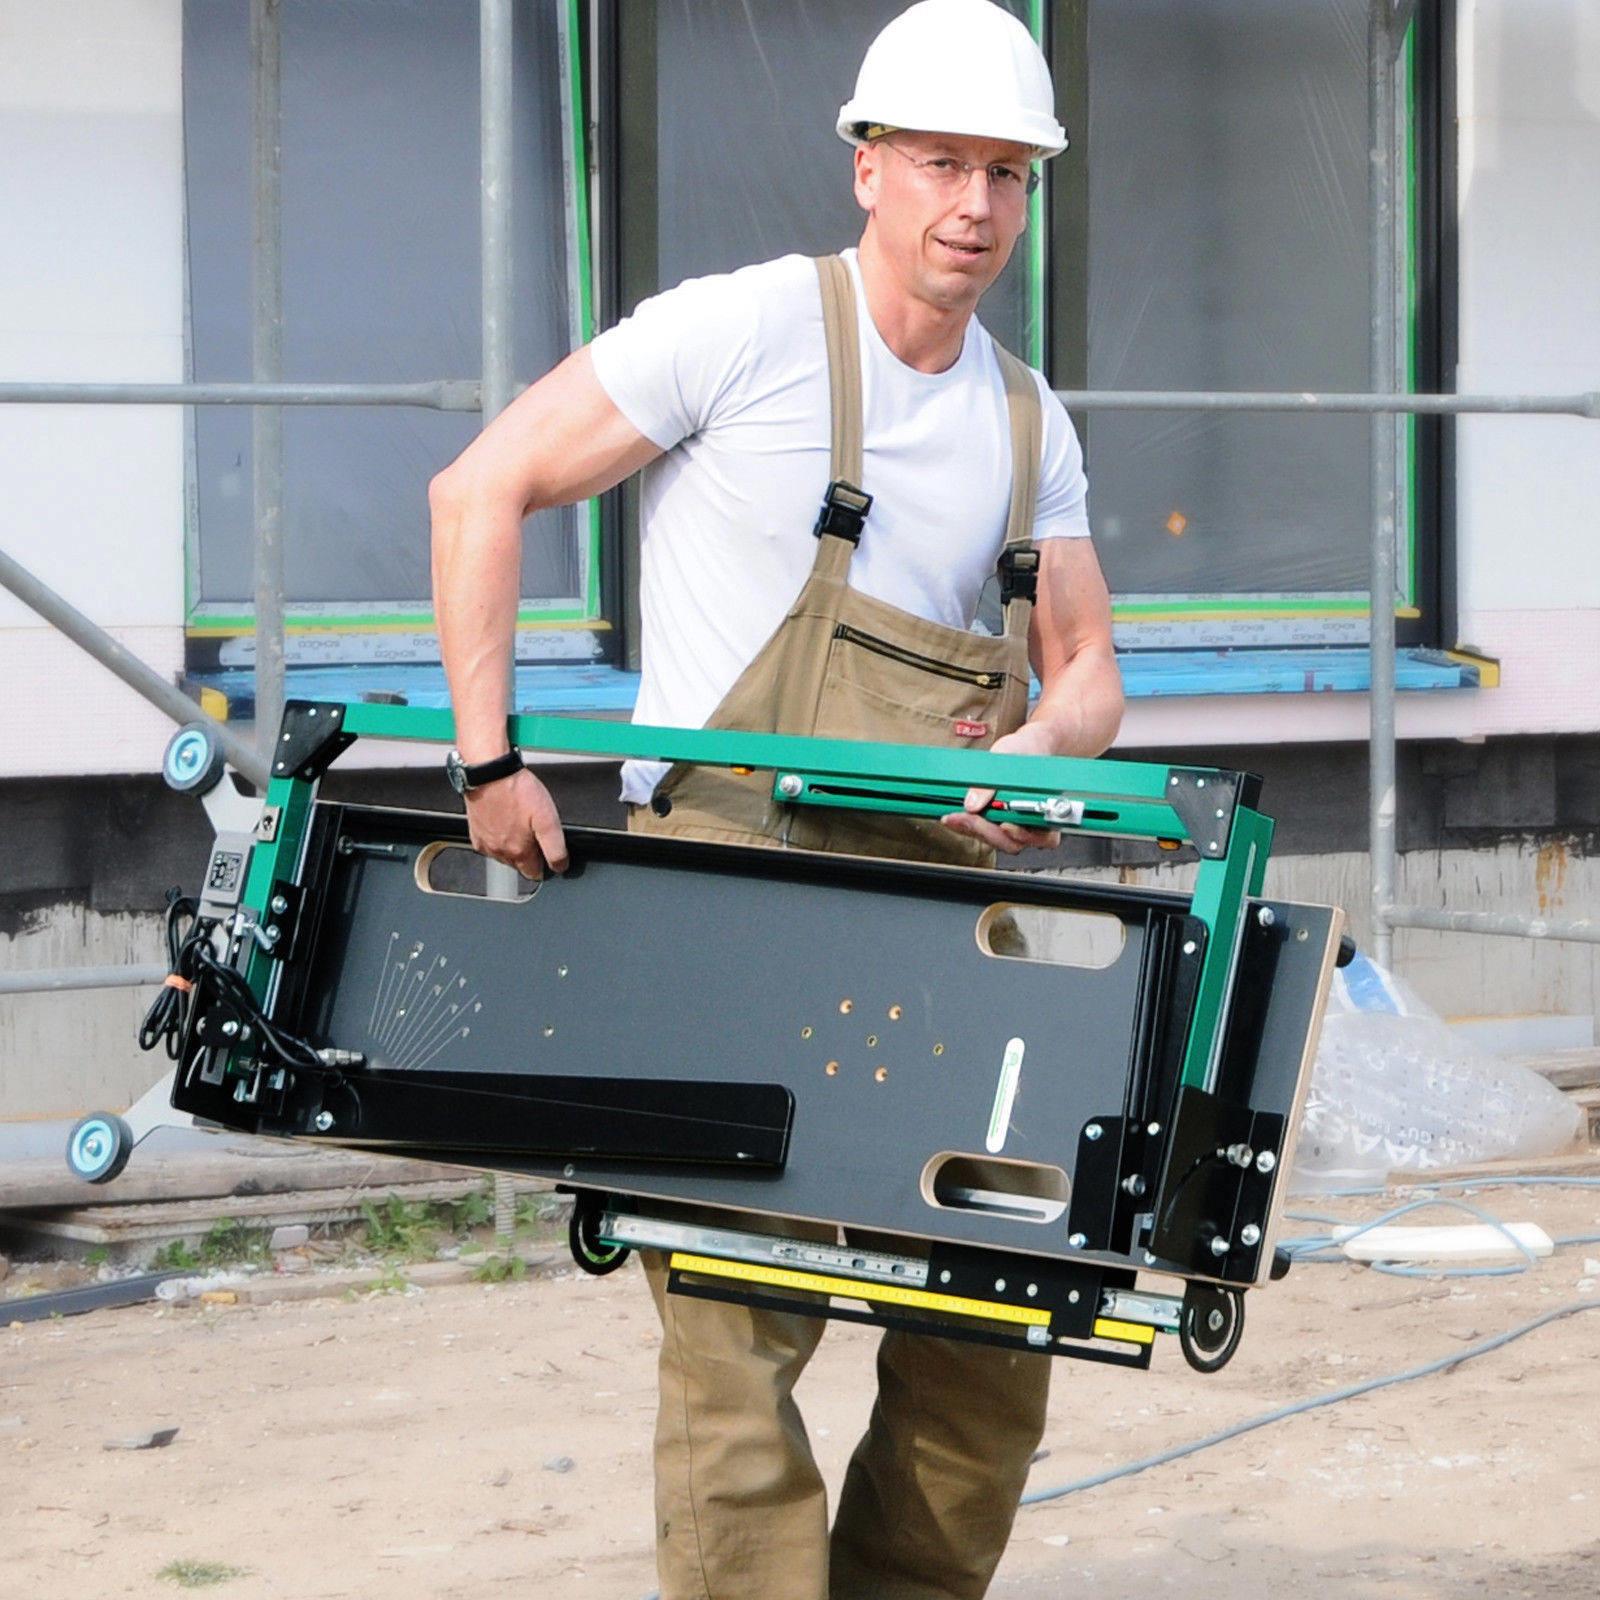 Styroporschneider Foamboy 1.350mm Isolierung Profi-Schneider für Dämmung WDVS